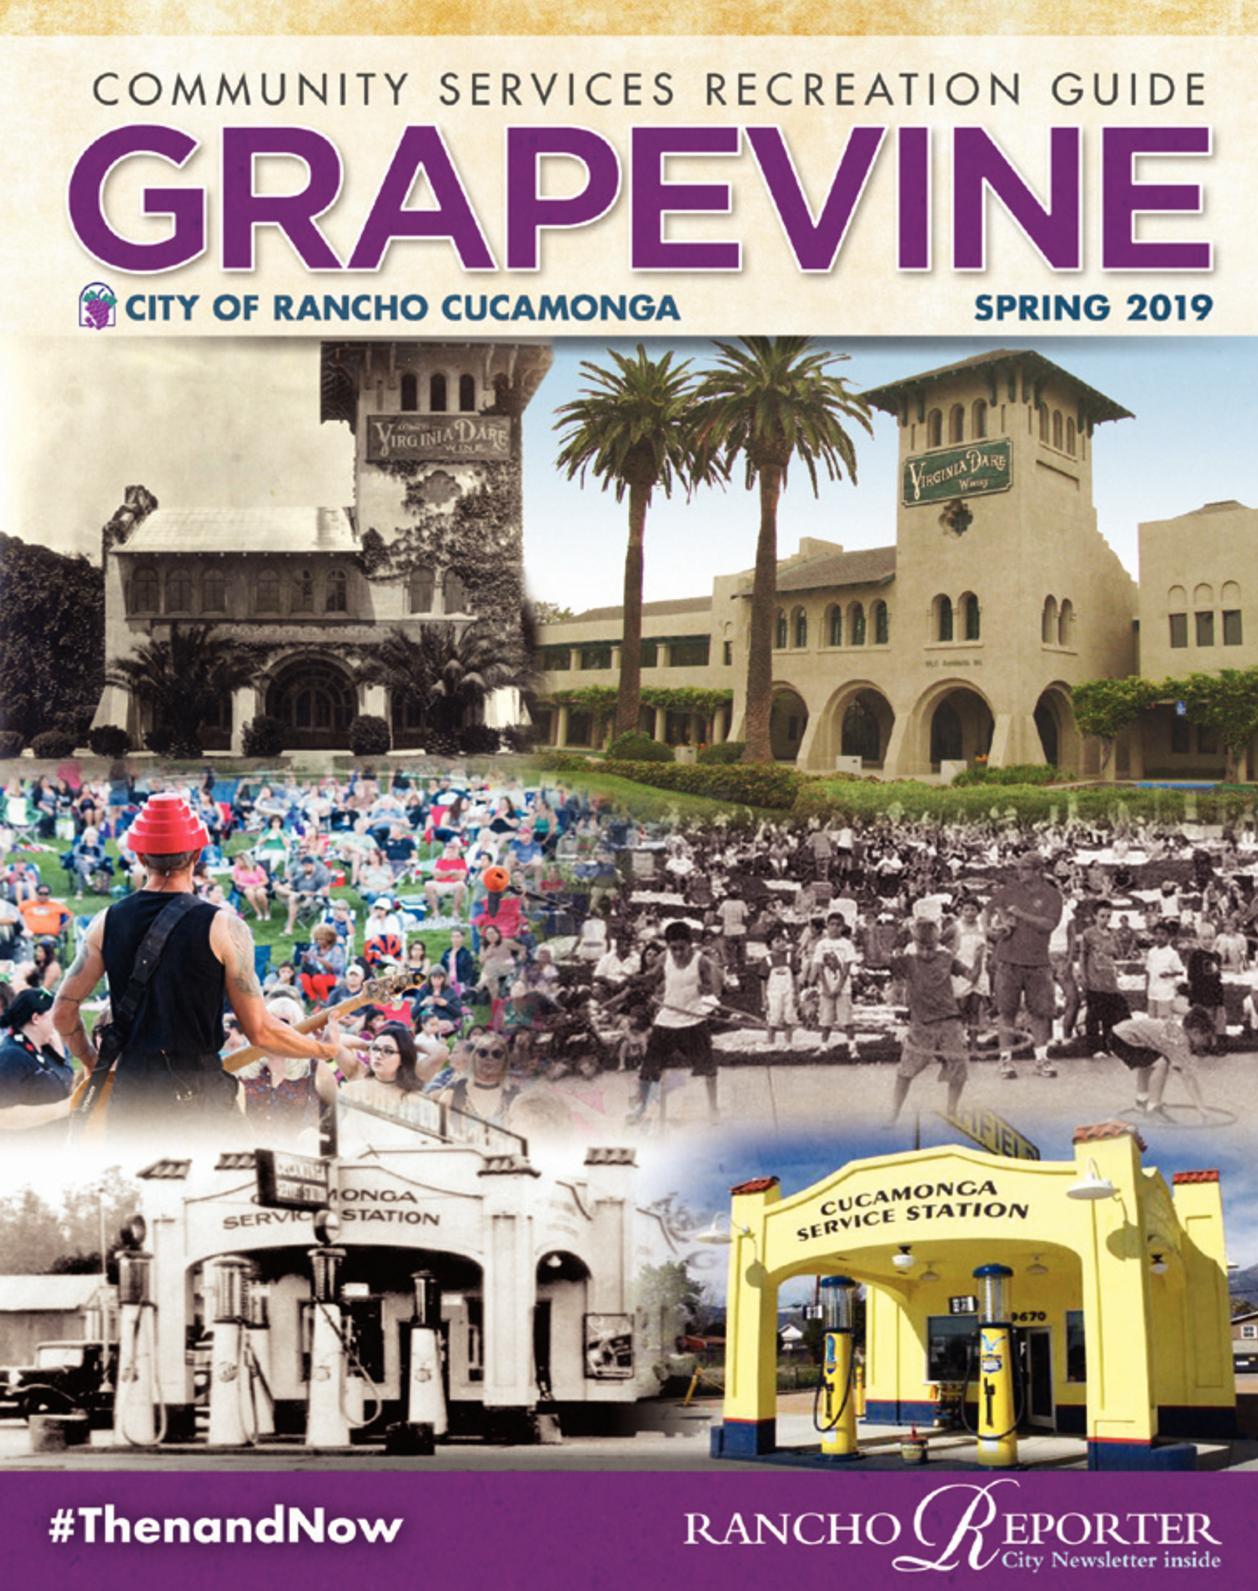 Calaméo - Spring 2019 Grapevine And Reporter